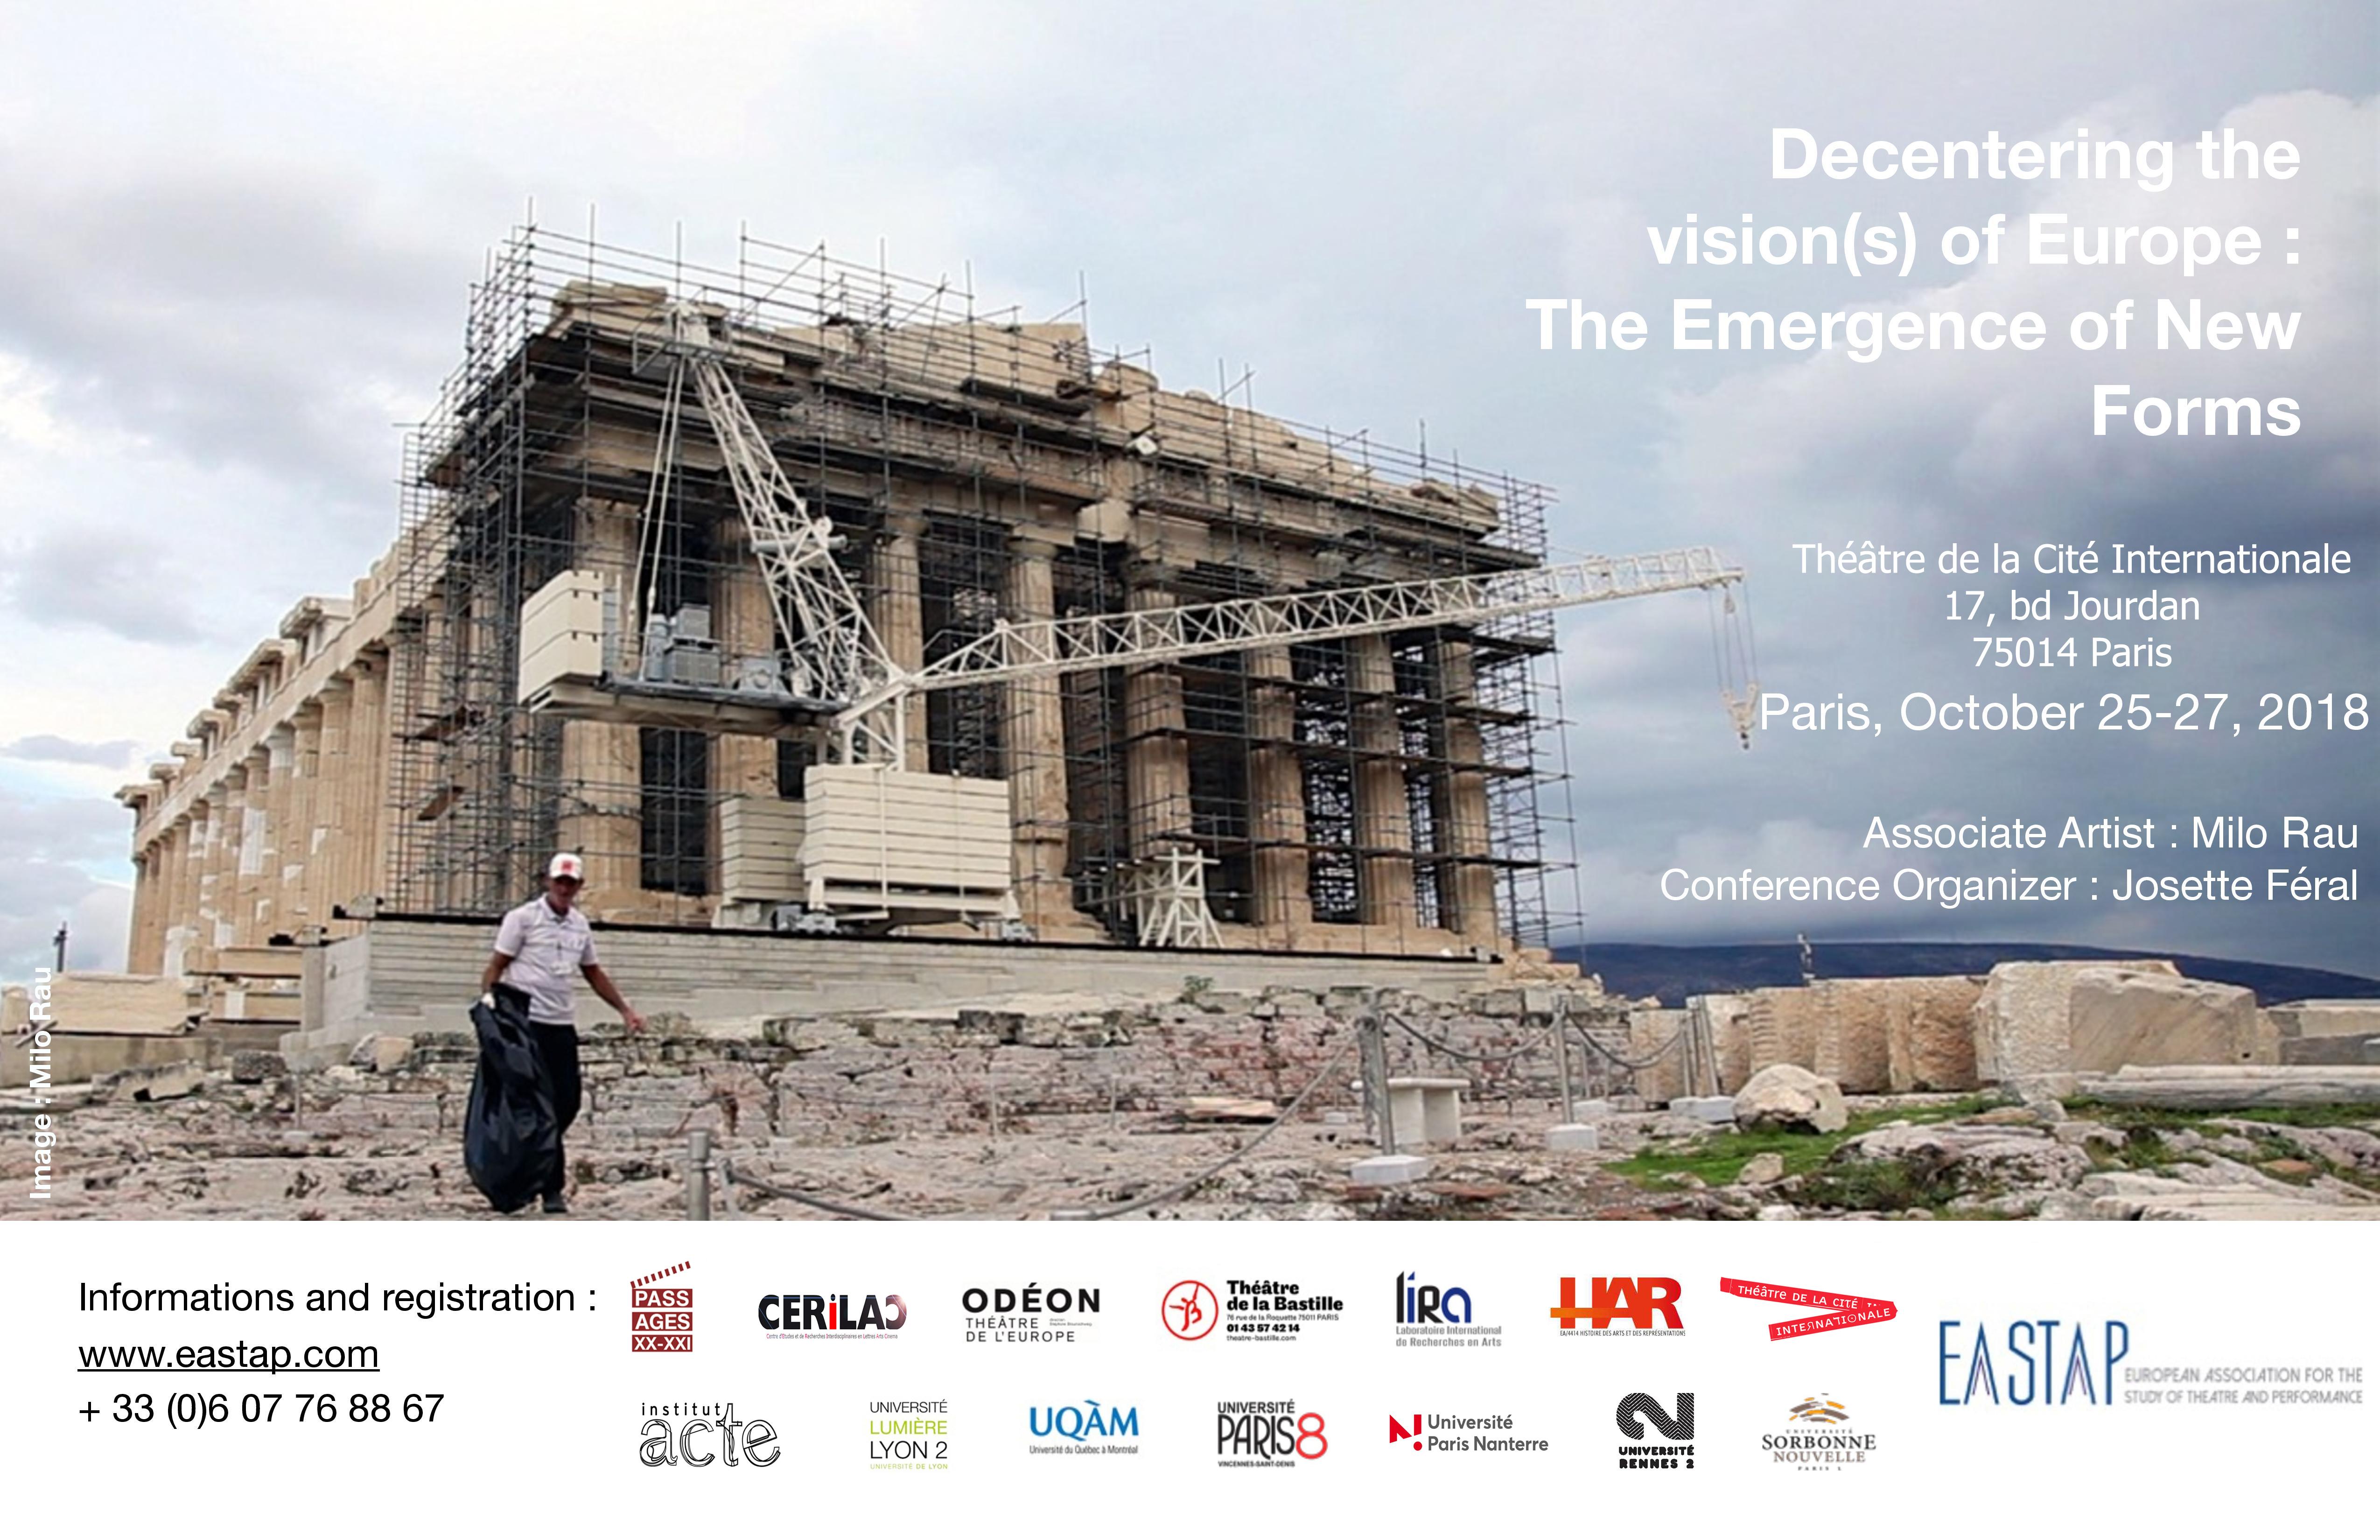 Premier Congrès de l'European Association for the Study of Theatre and Performance (Cité internationale, Paris)